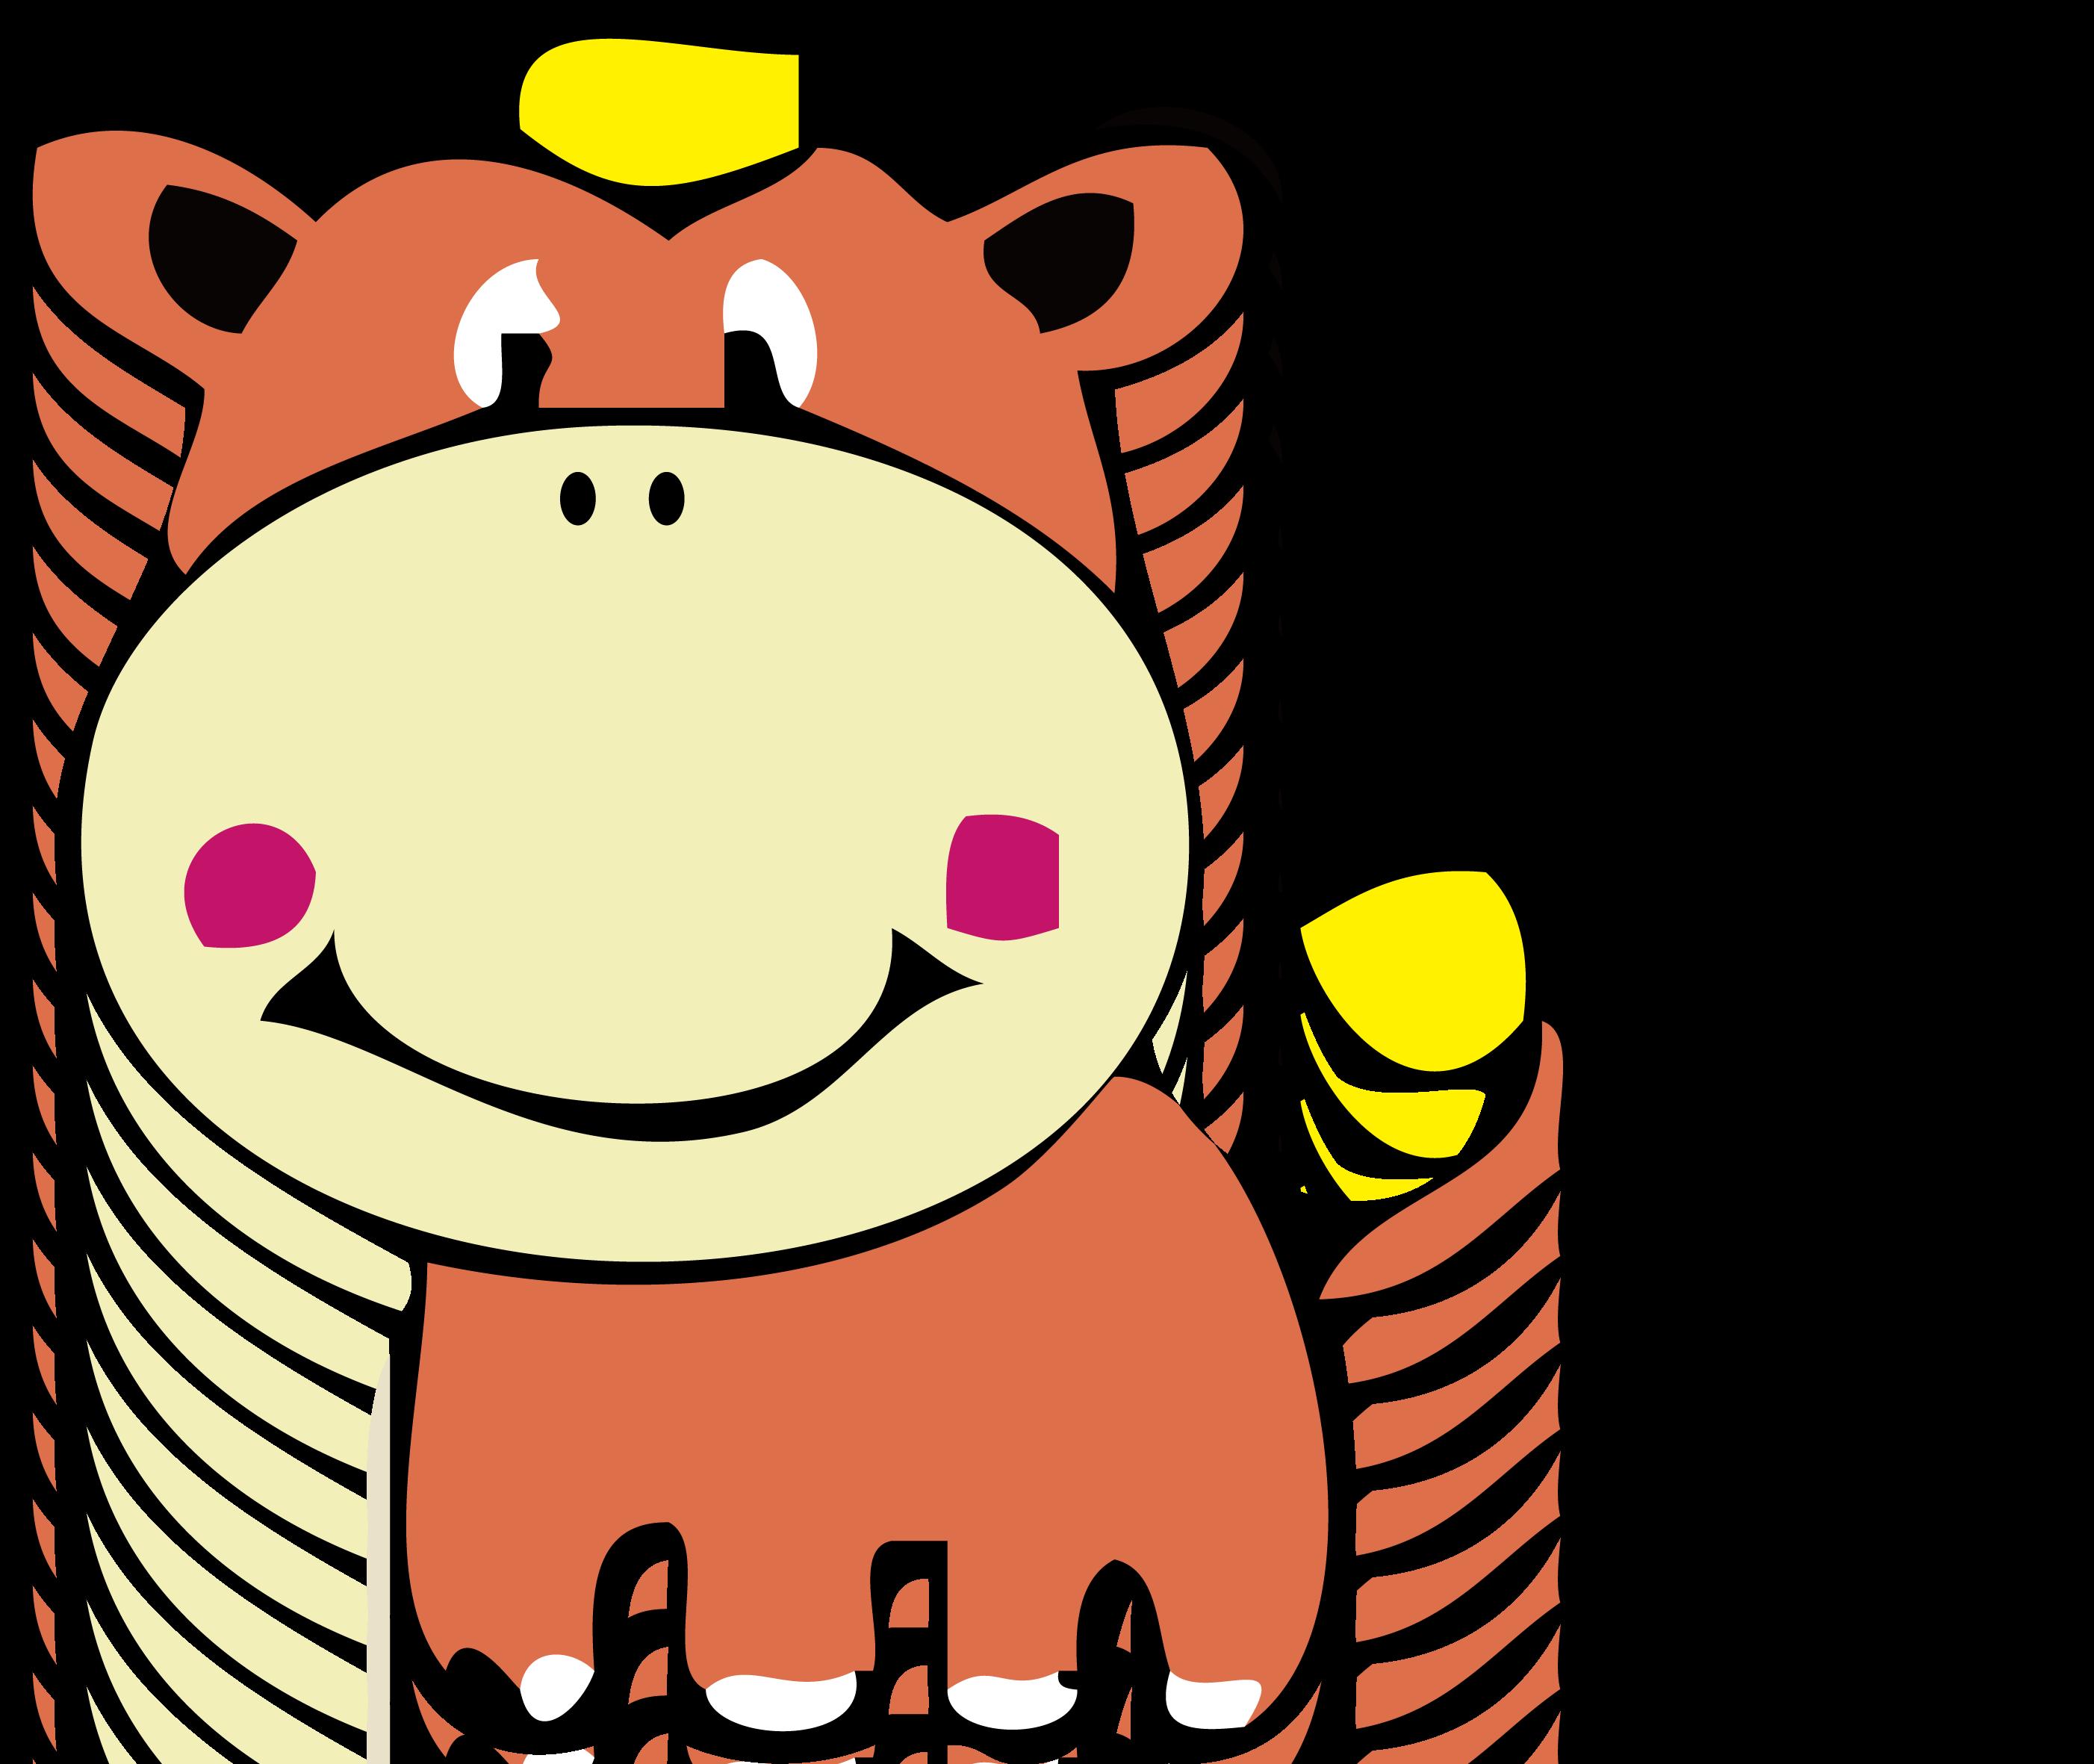 2804x2362 Cattle Cartoon Clip Art